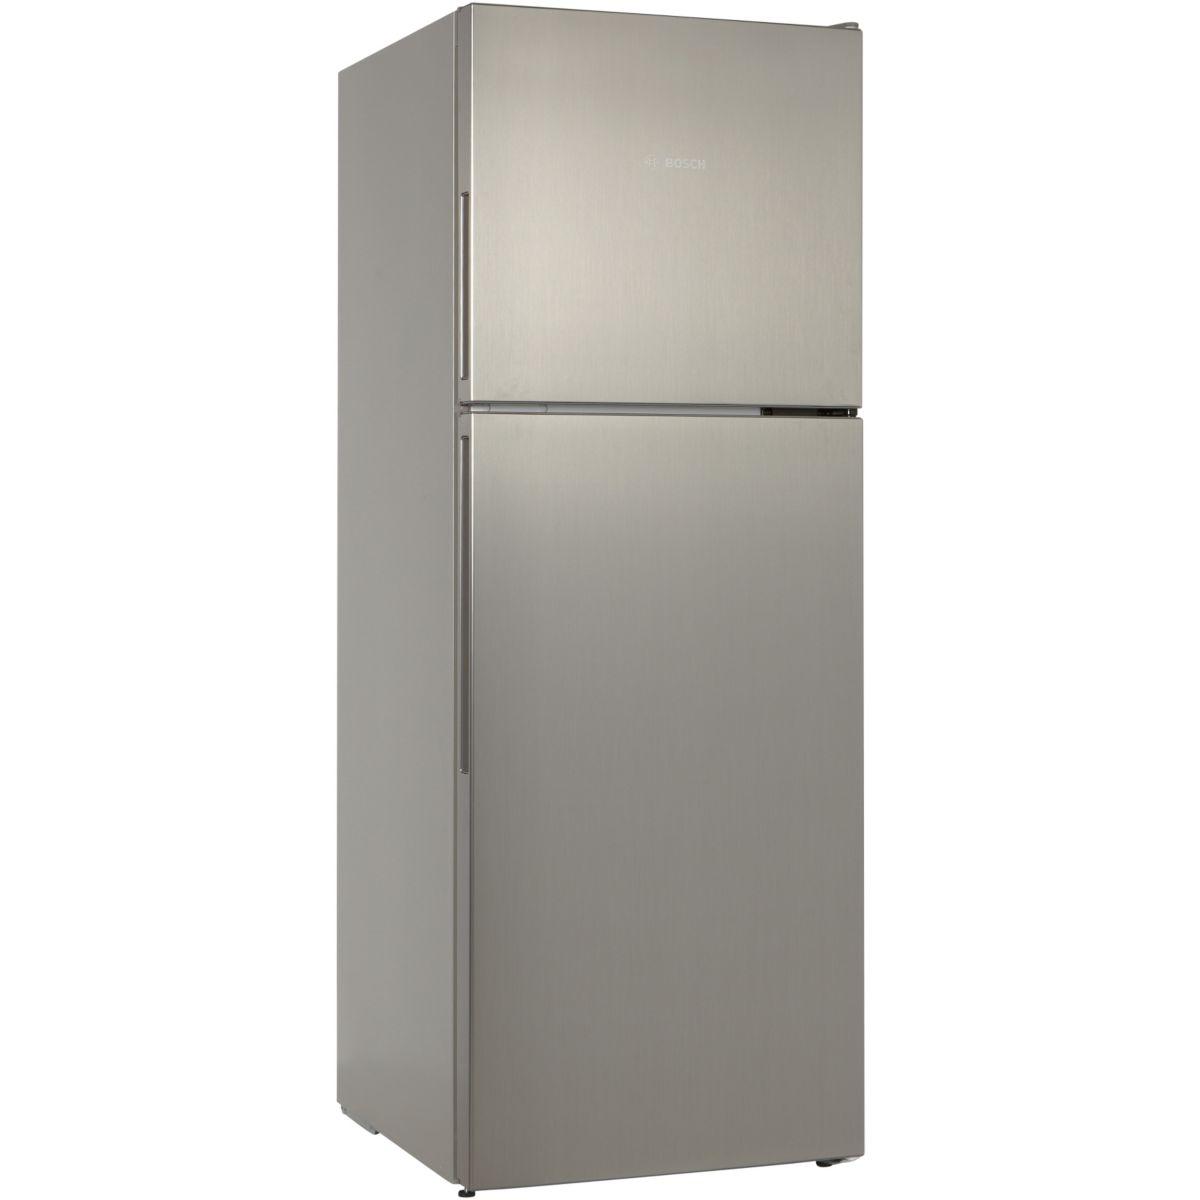 Réfrigérateur congélateur en haut BOSCH KDV29VL30 (photo)